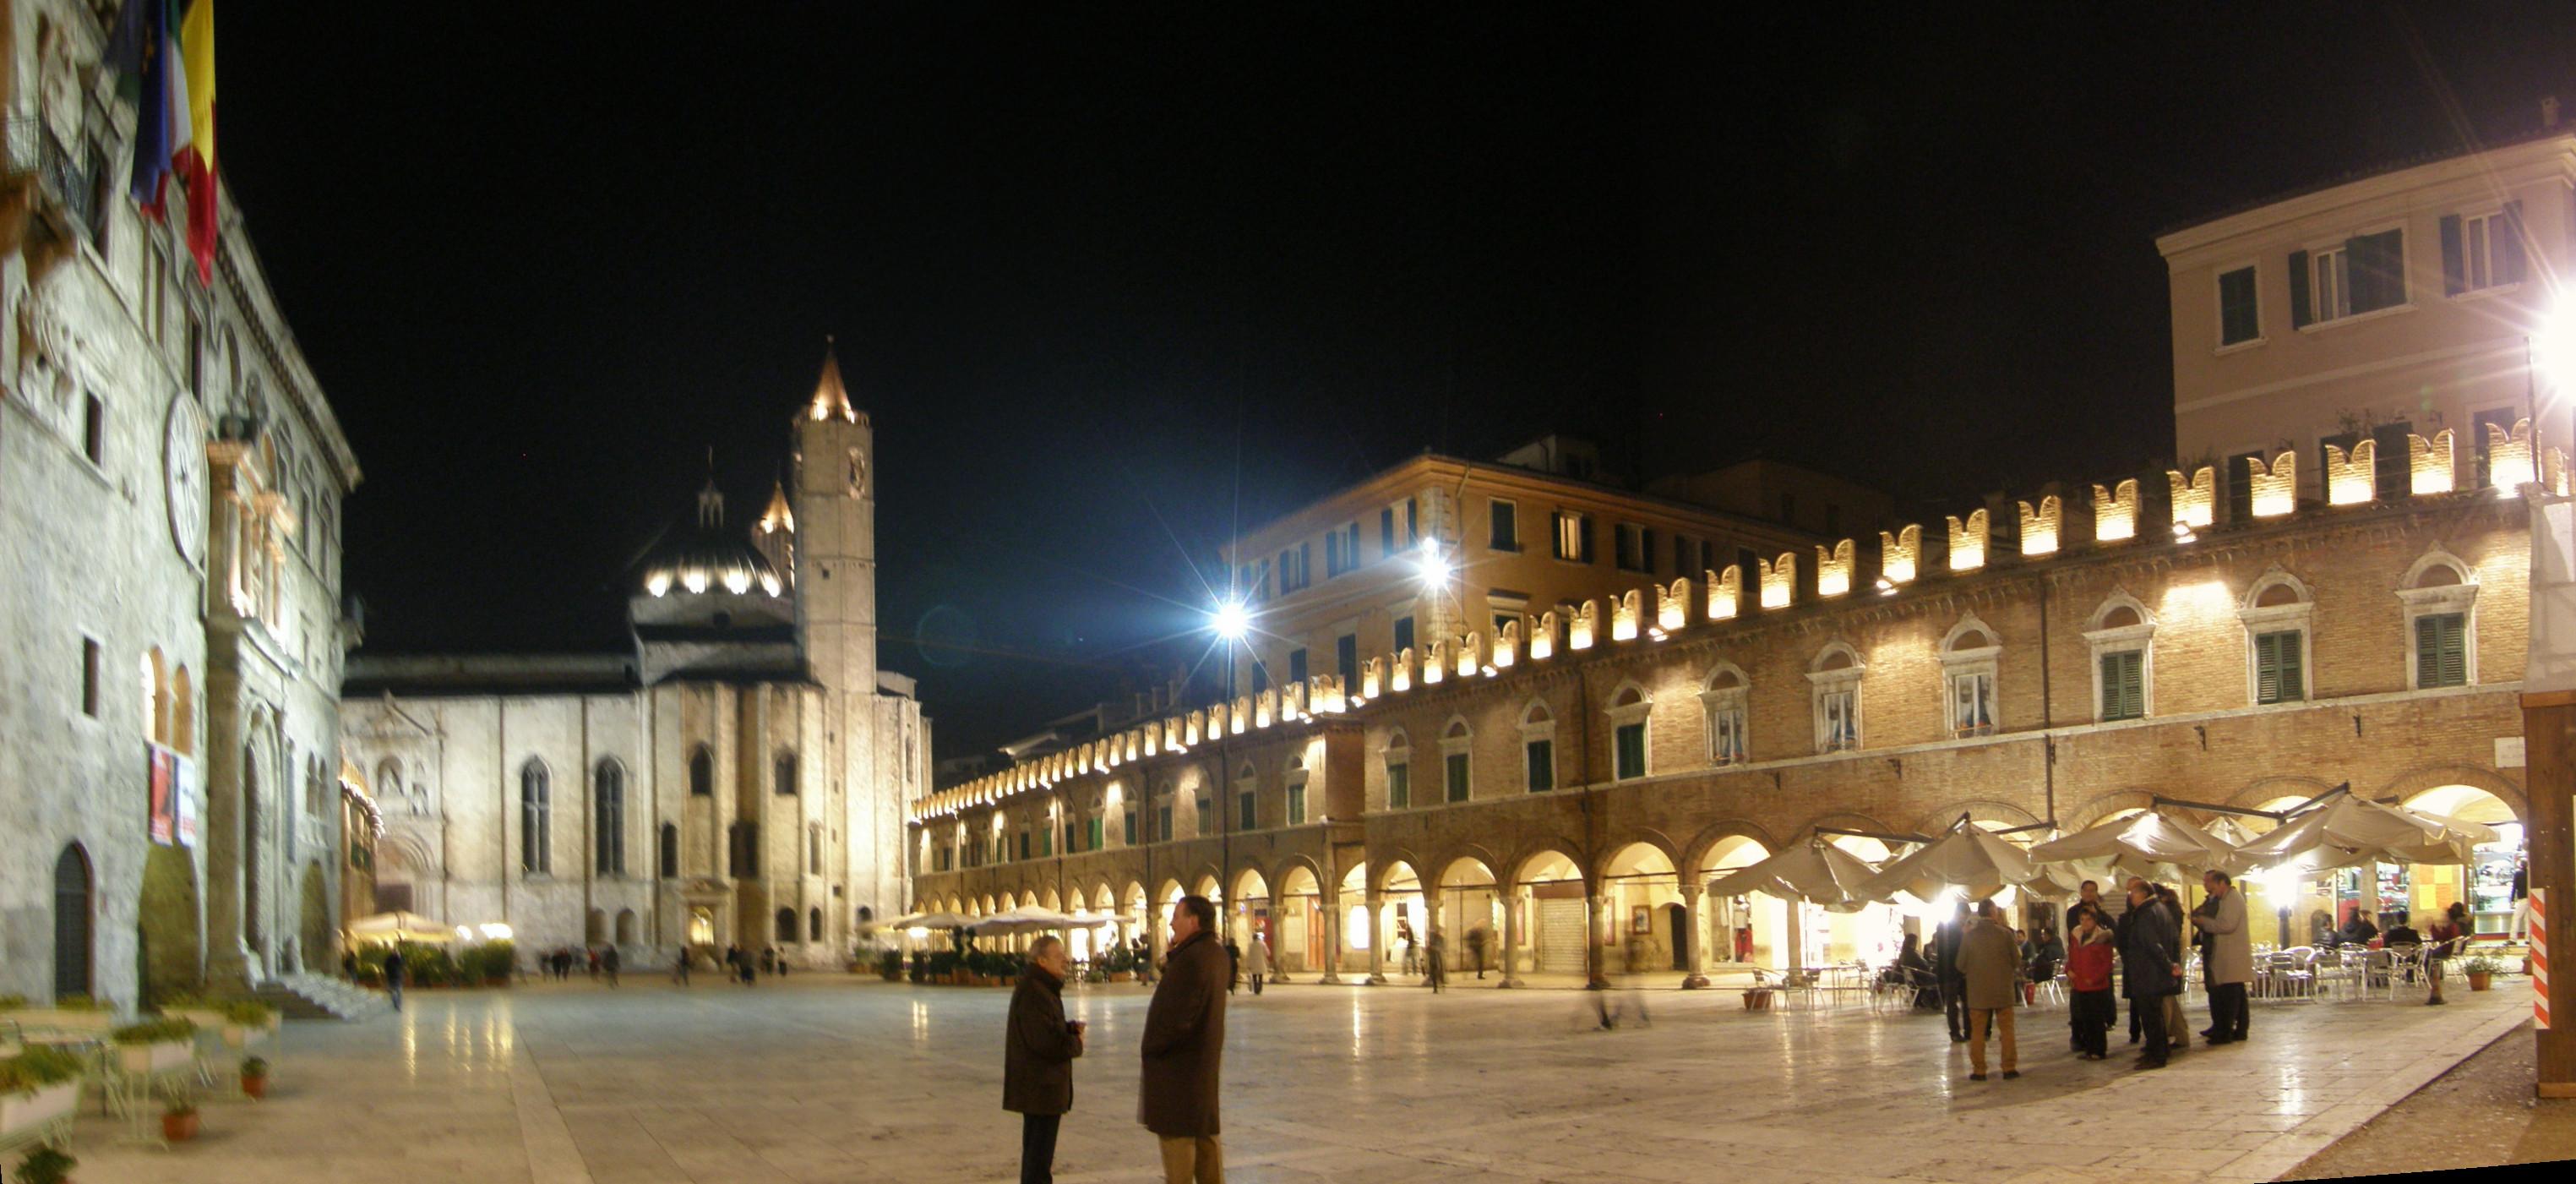 Ascoli Piceno Italy Alpha Travel Blog